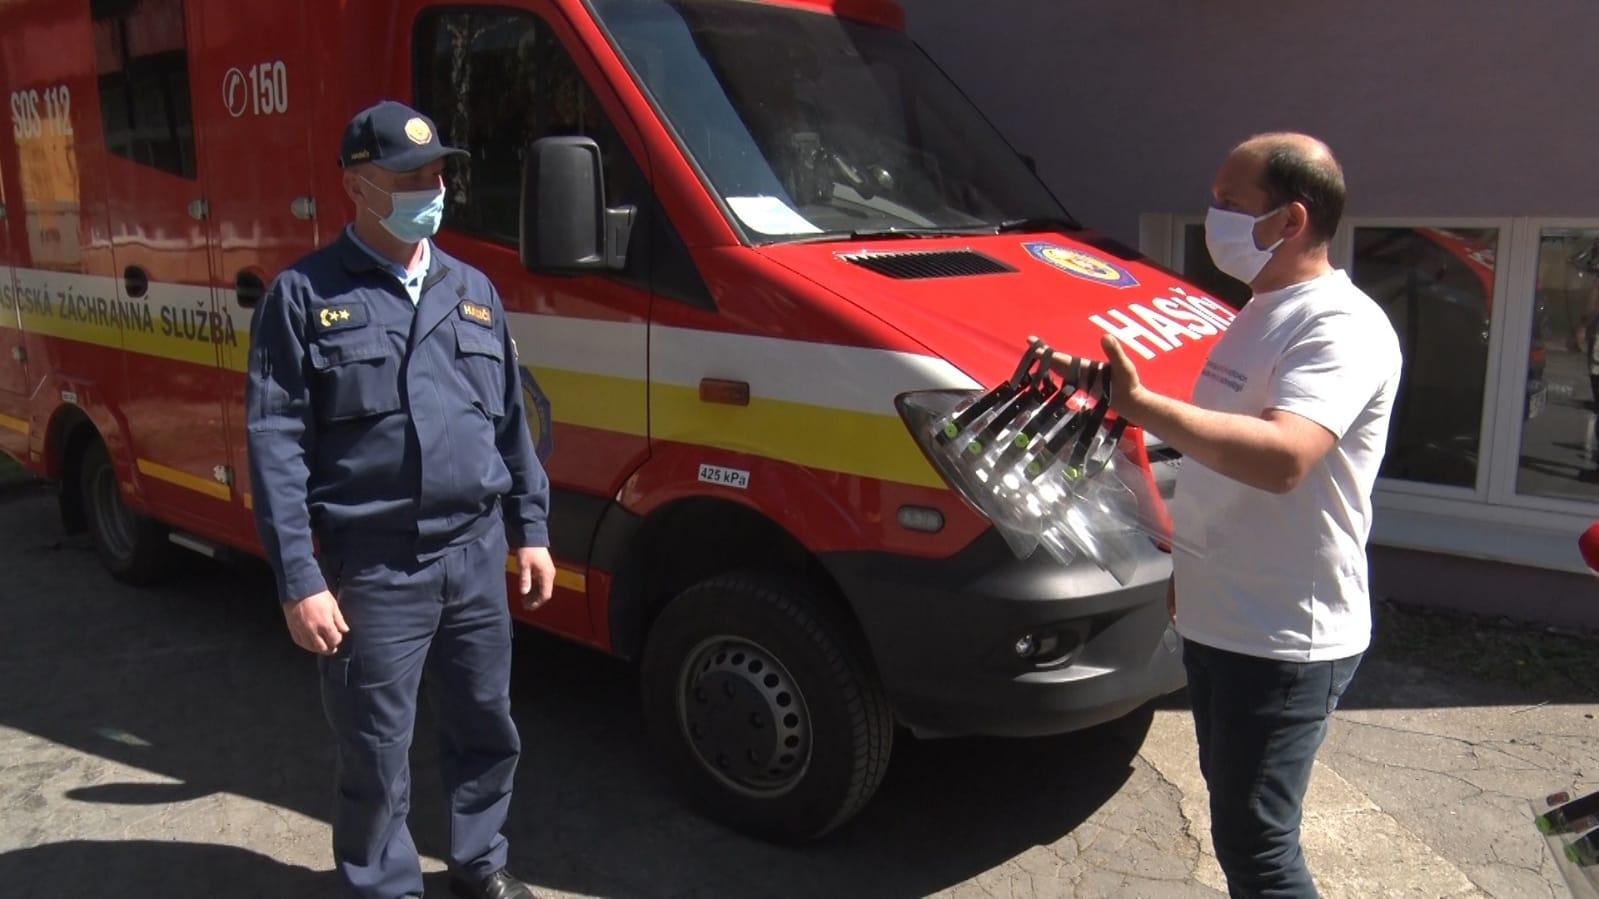 FVT vyrába ochranné štíty a masky - FVT darovala prešovským hasičom celotvárové ochranné štíty